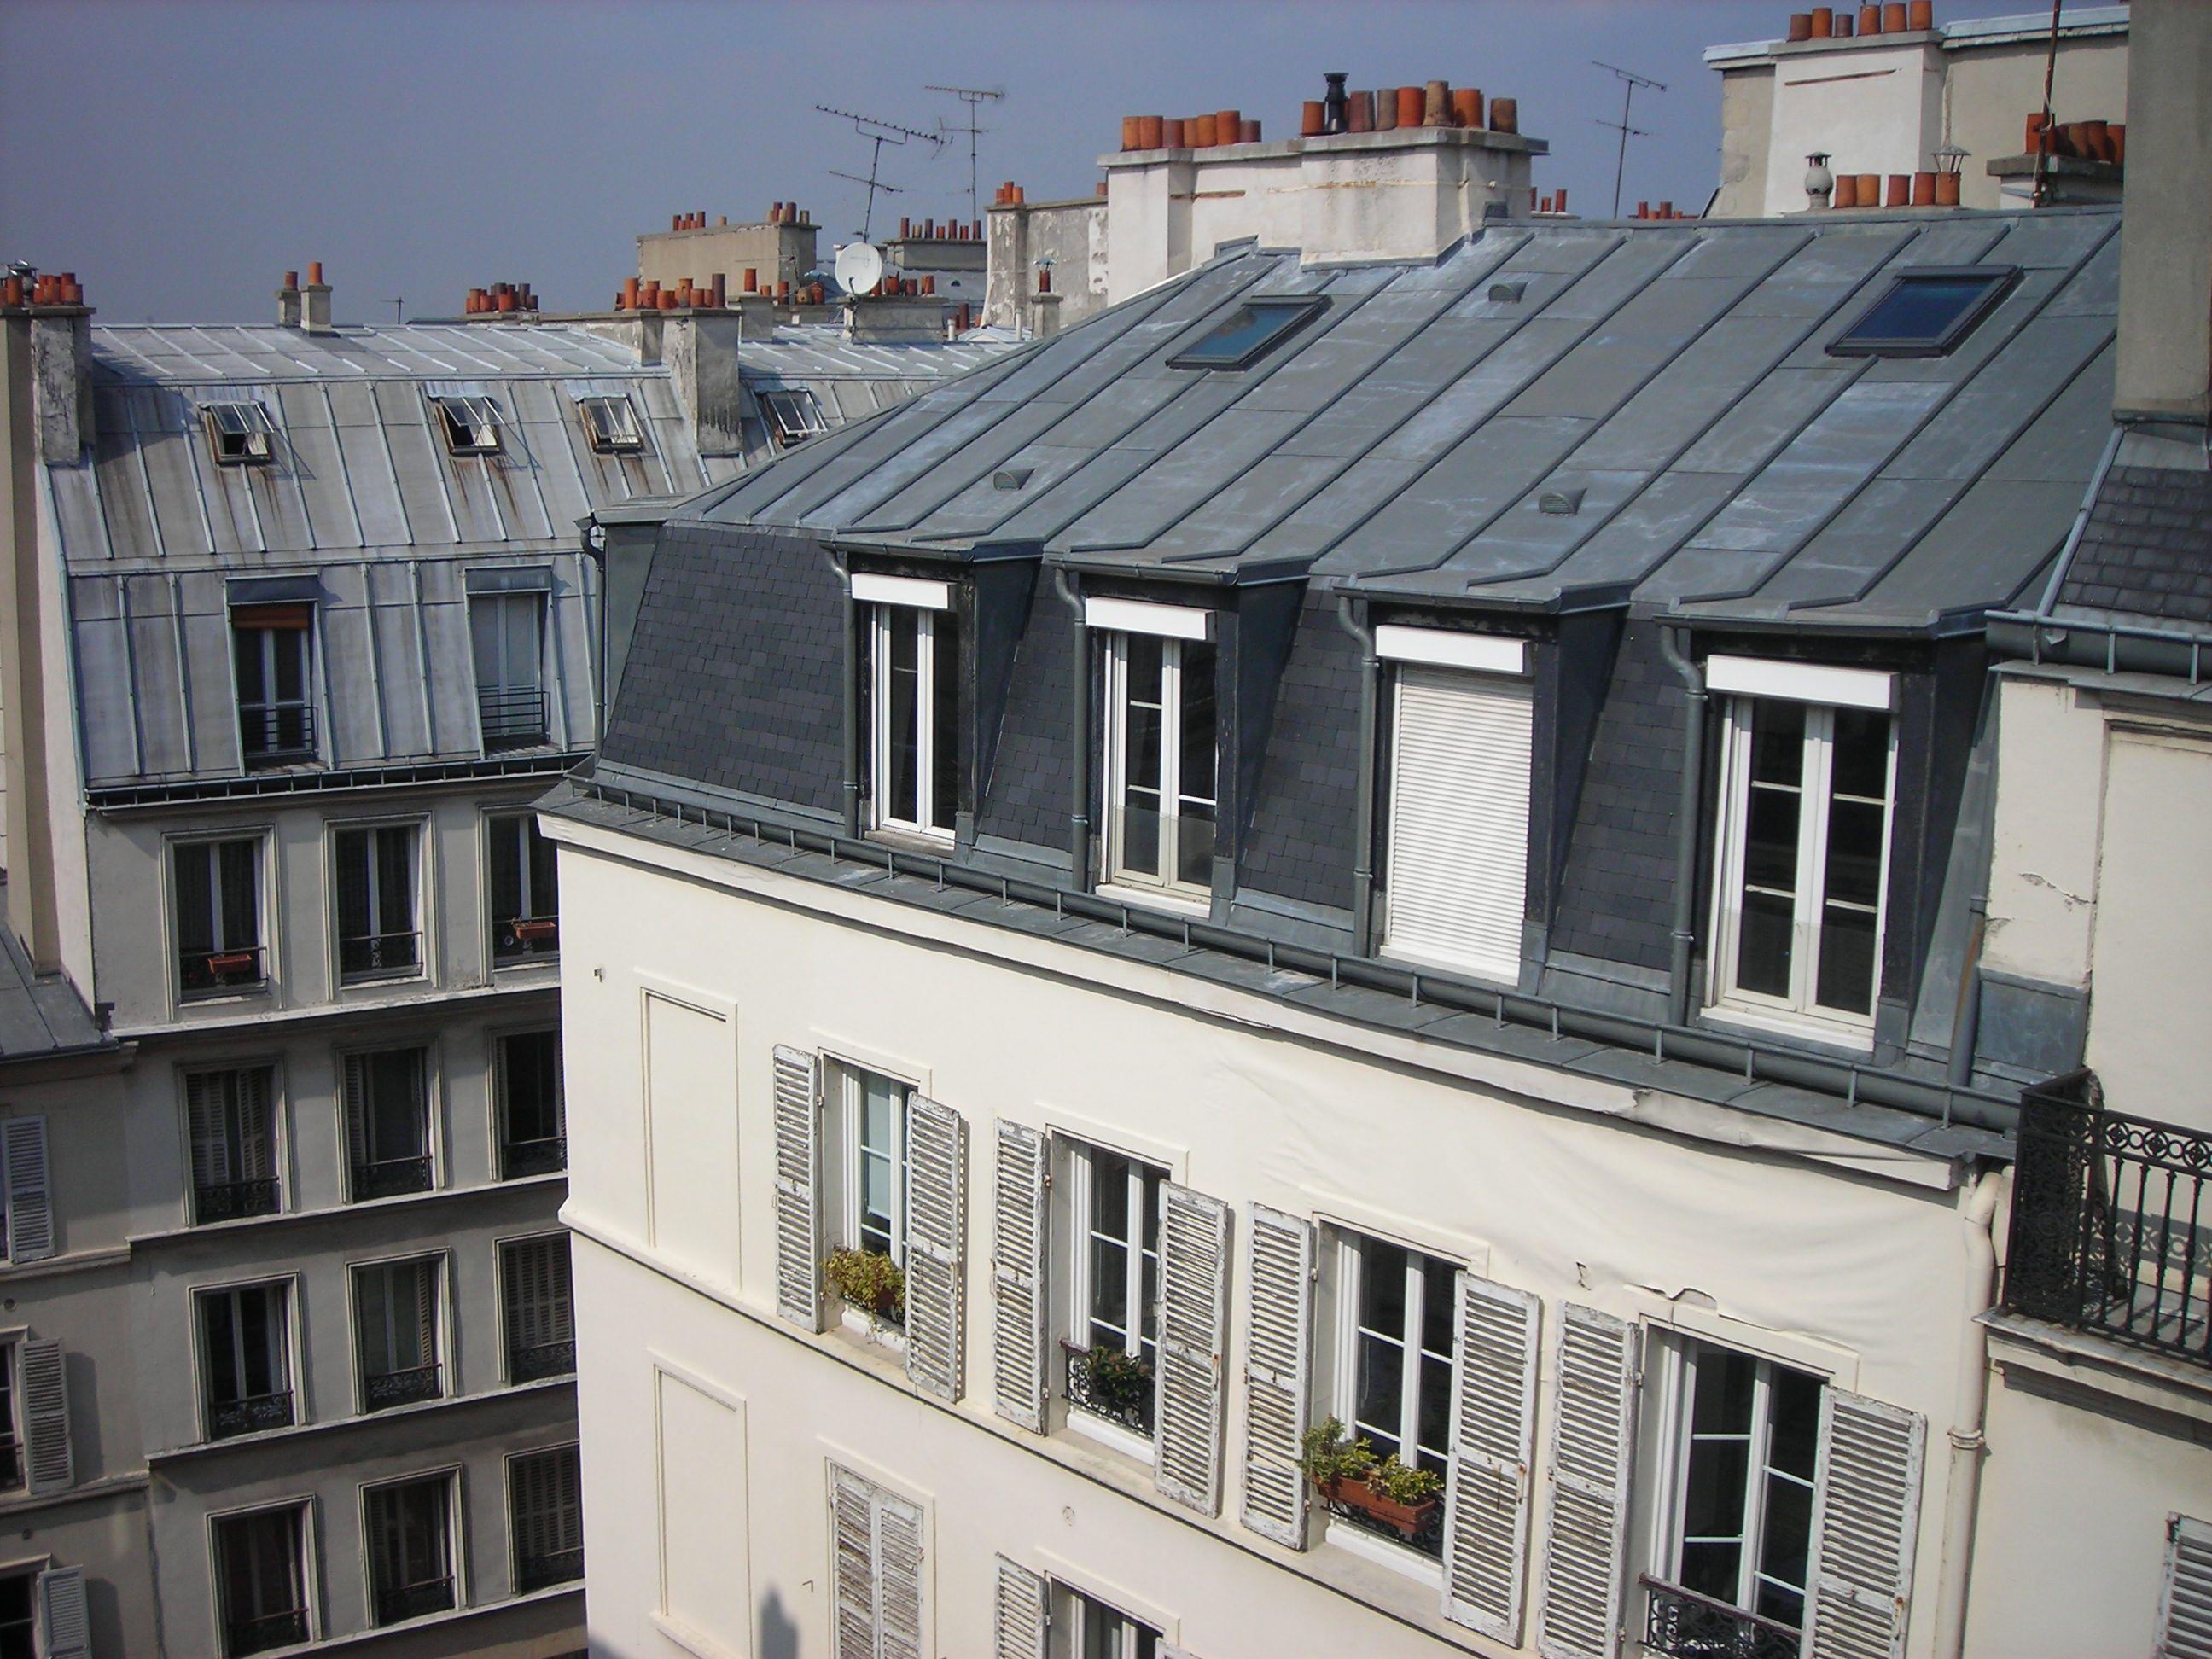 TOITS DE PARIS HAUSSMANN SOURCE BING IMAGES